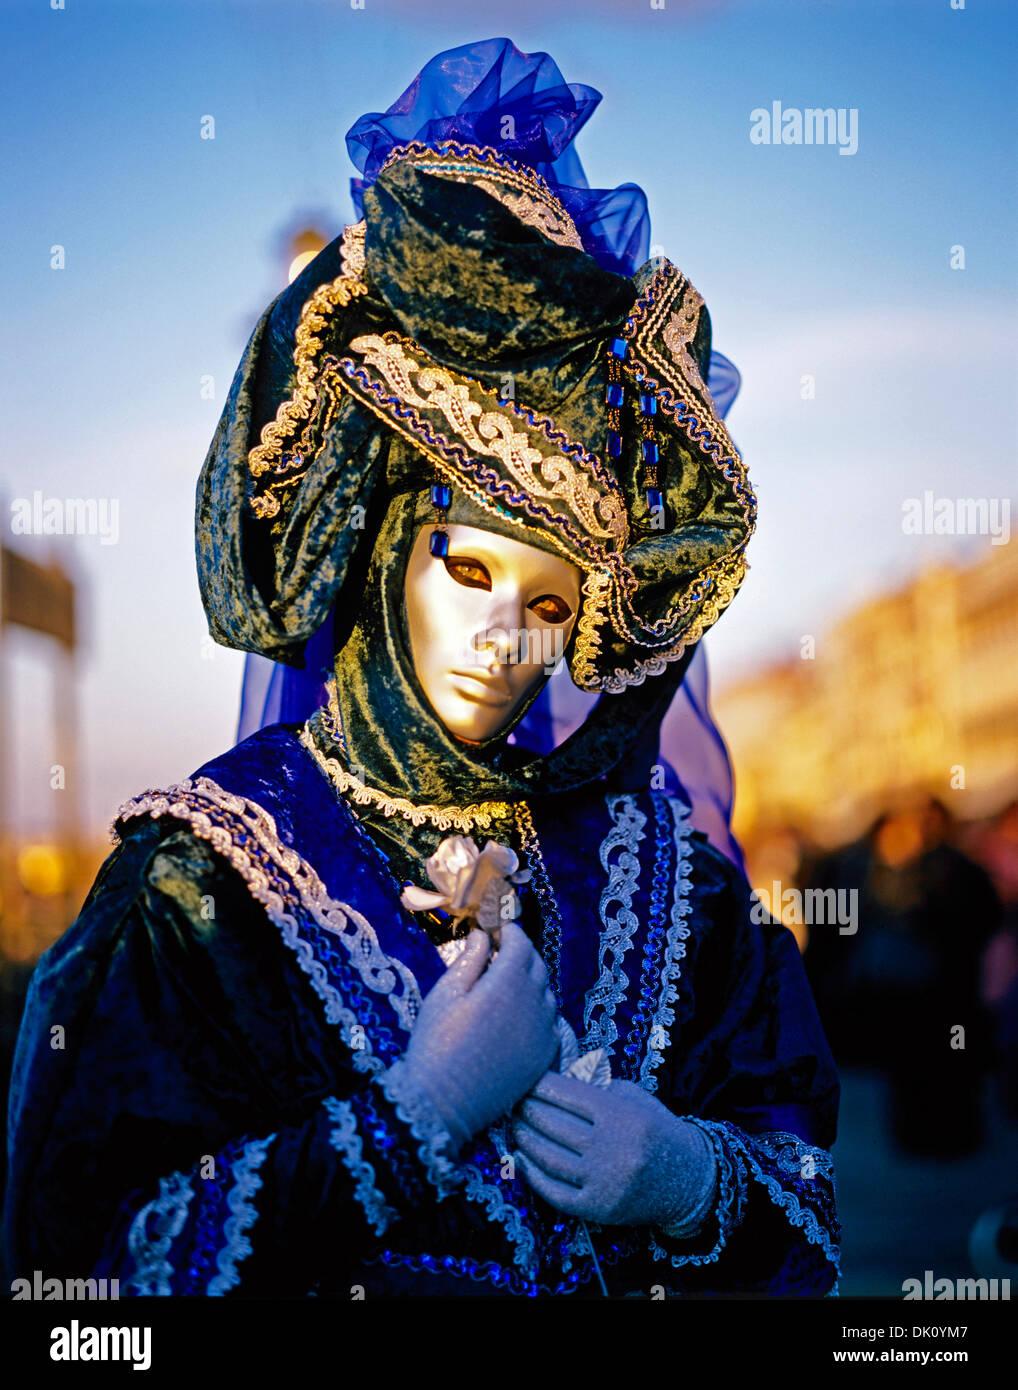 Participante en traje tradicional en el anual carnaval enmascarado, Venecia, Italia, EuropaFoto de stock